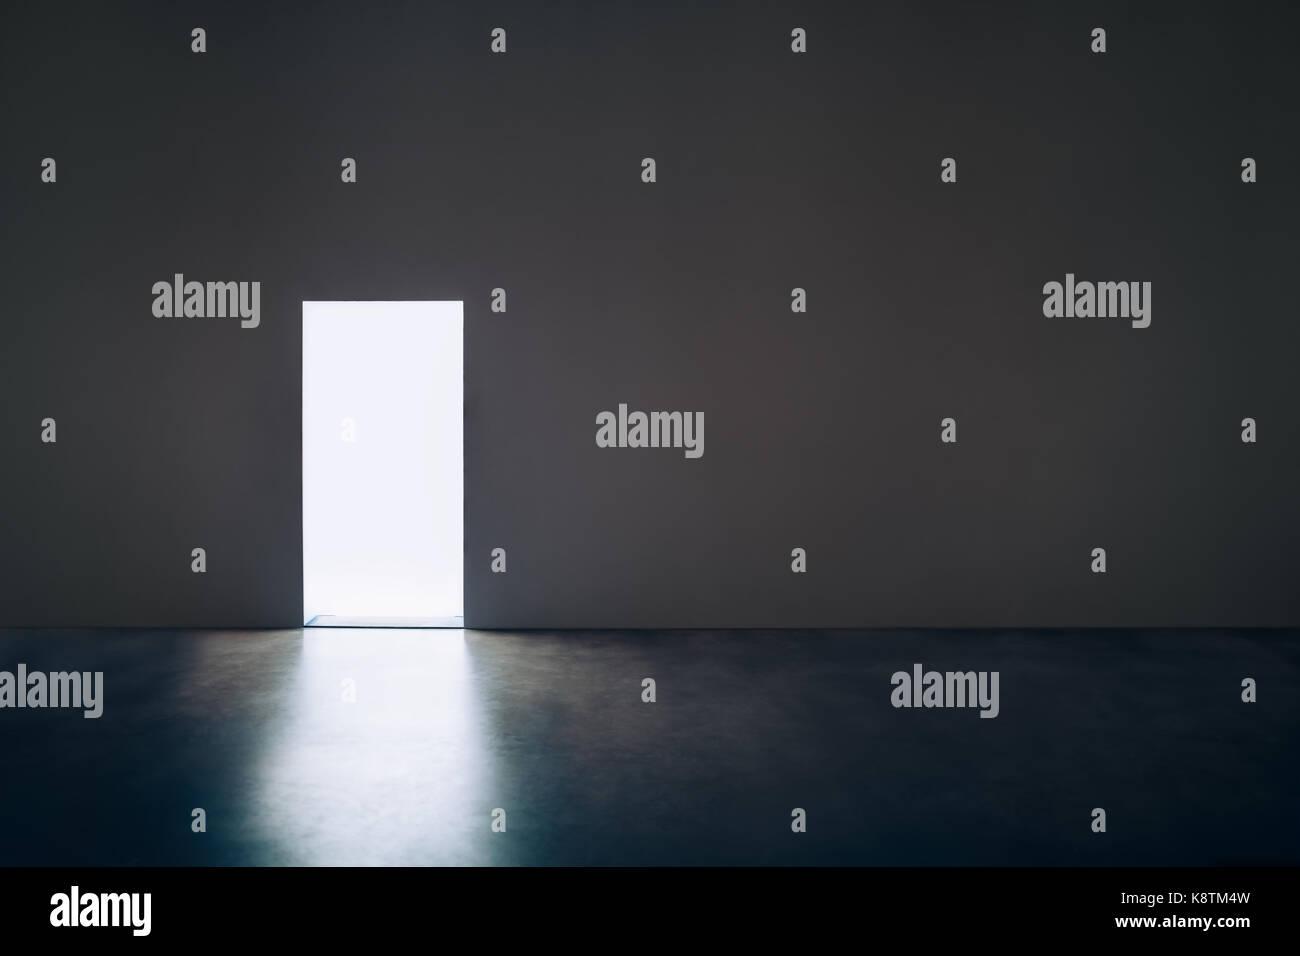 Puerta de luz en una habitación oscura.esperanza concepto Imagen De Stock